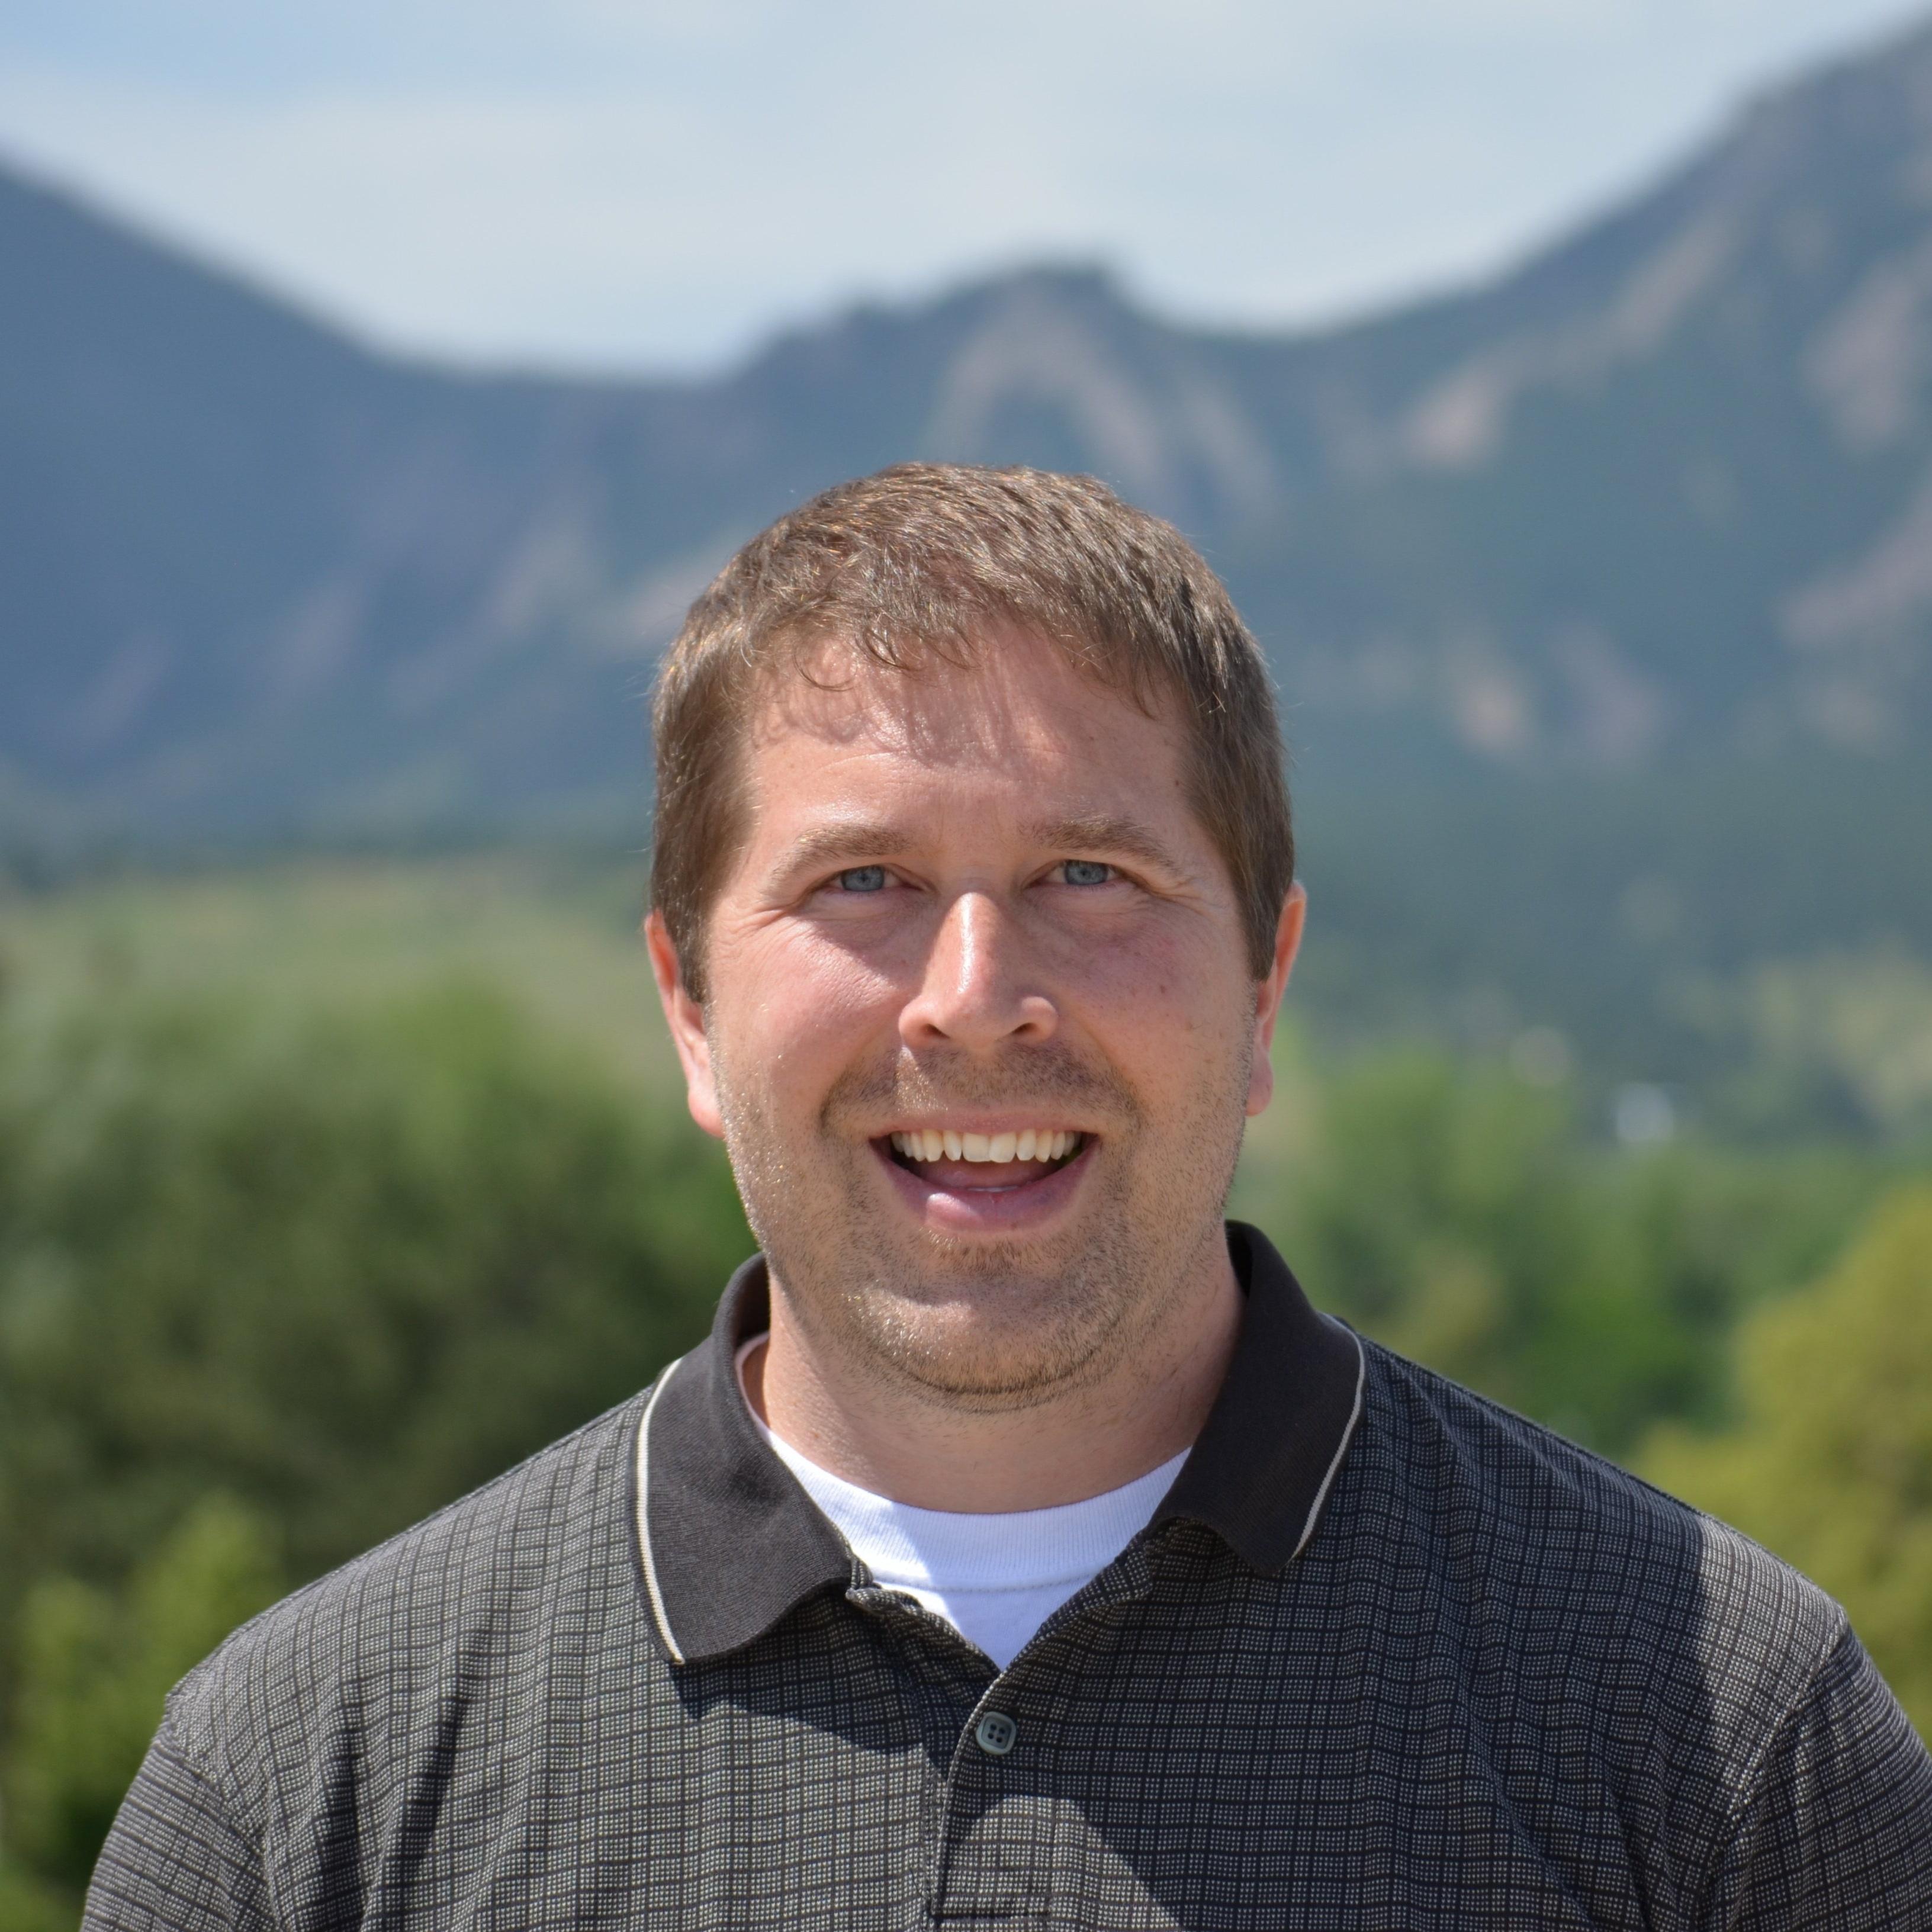 Eric Keller